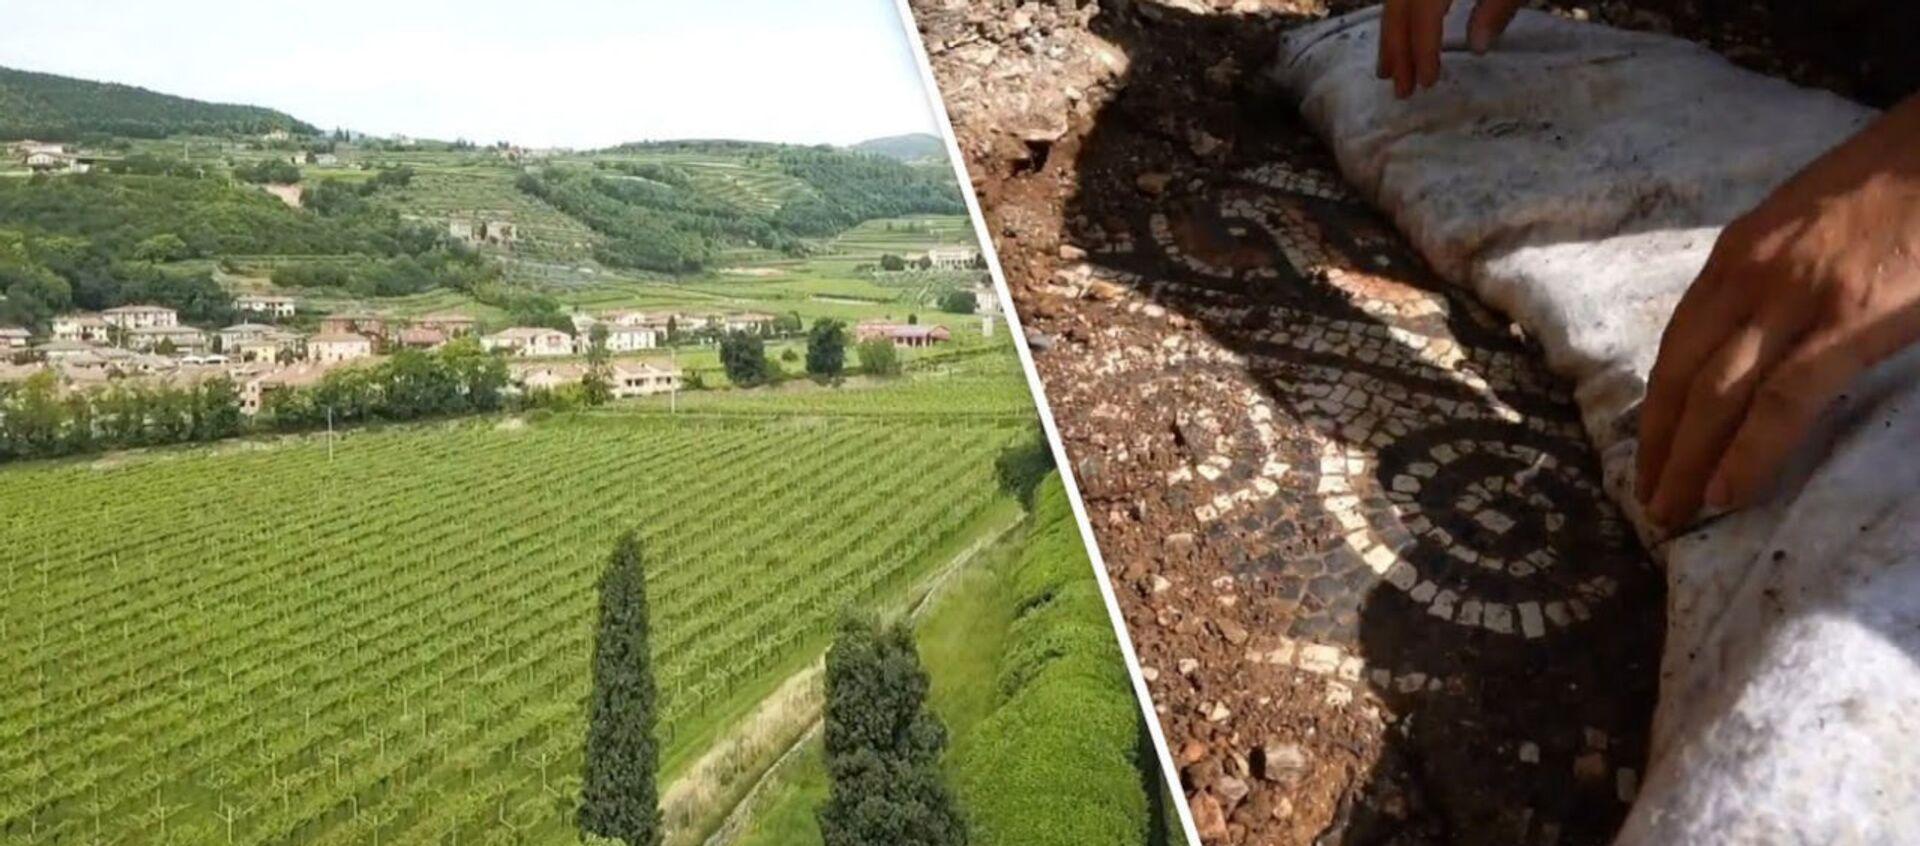 «Крупнейшее открытие года»: итальянские археологи обнаружили античную мозаику под виноградниками - Sputnik Армения, 1920, 31.05.2020